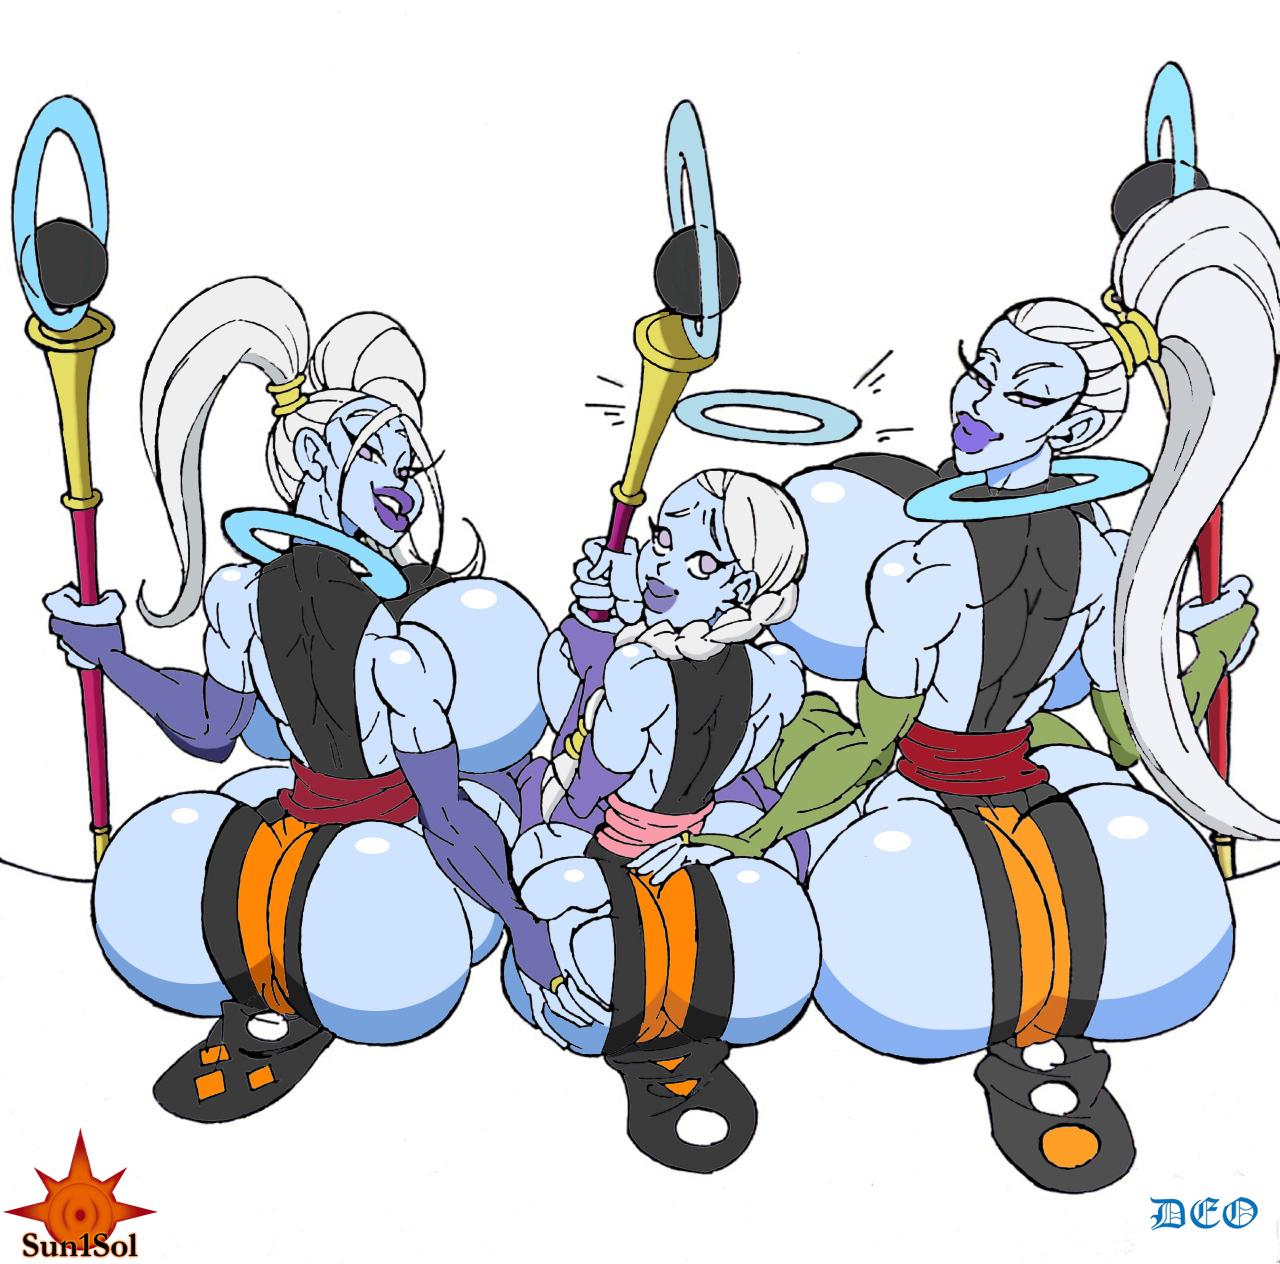 Hentai super vados Character: Vados